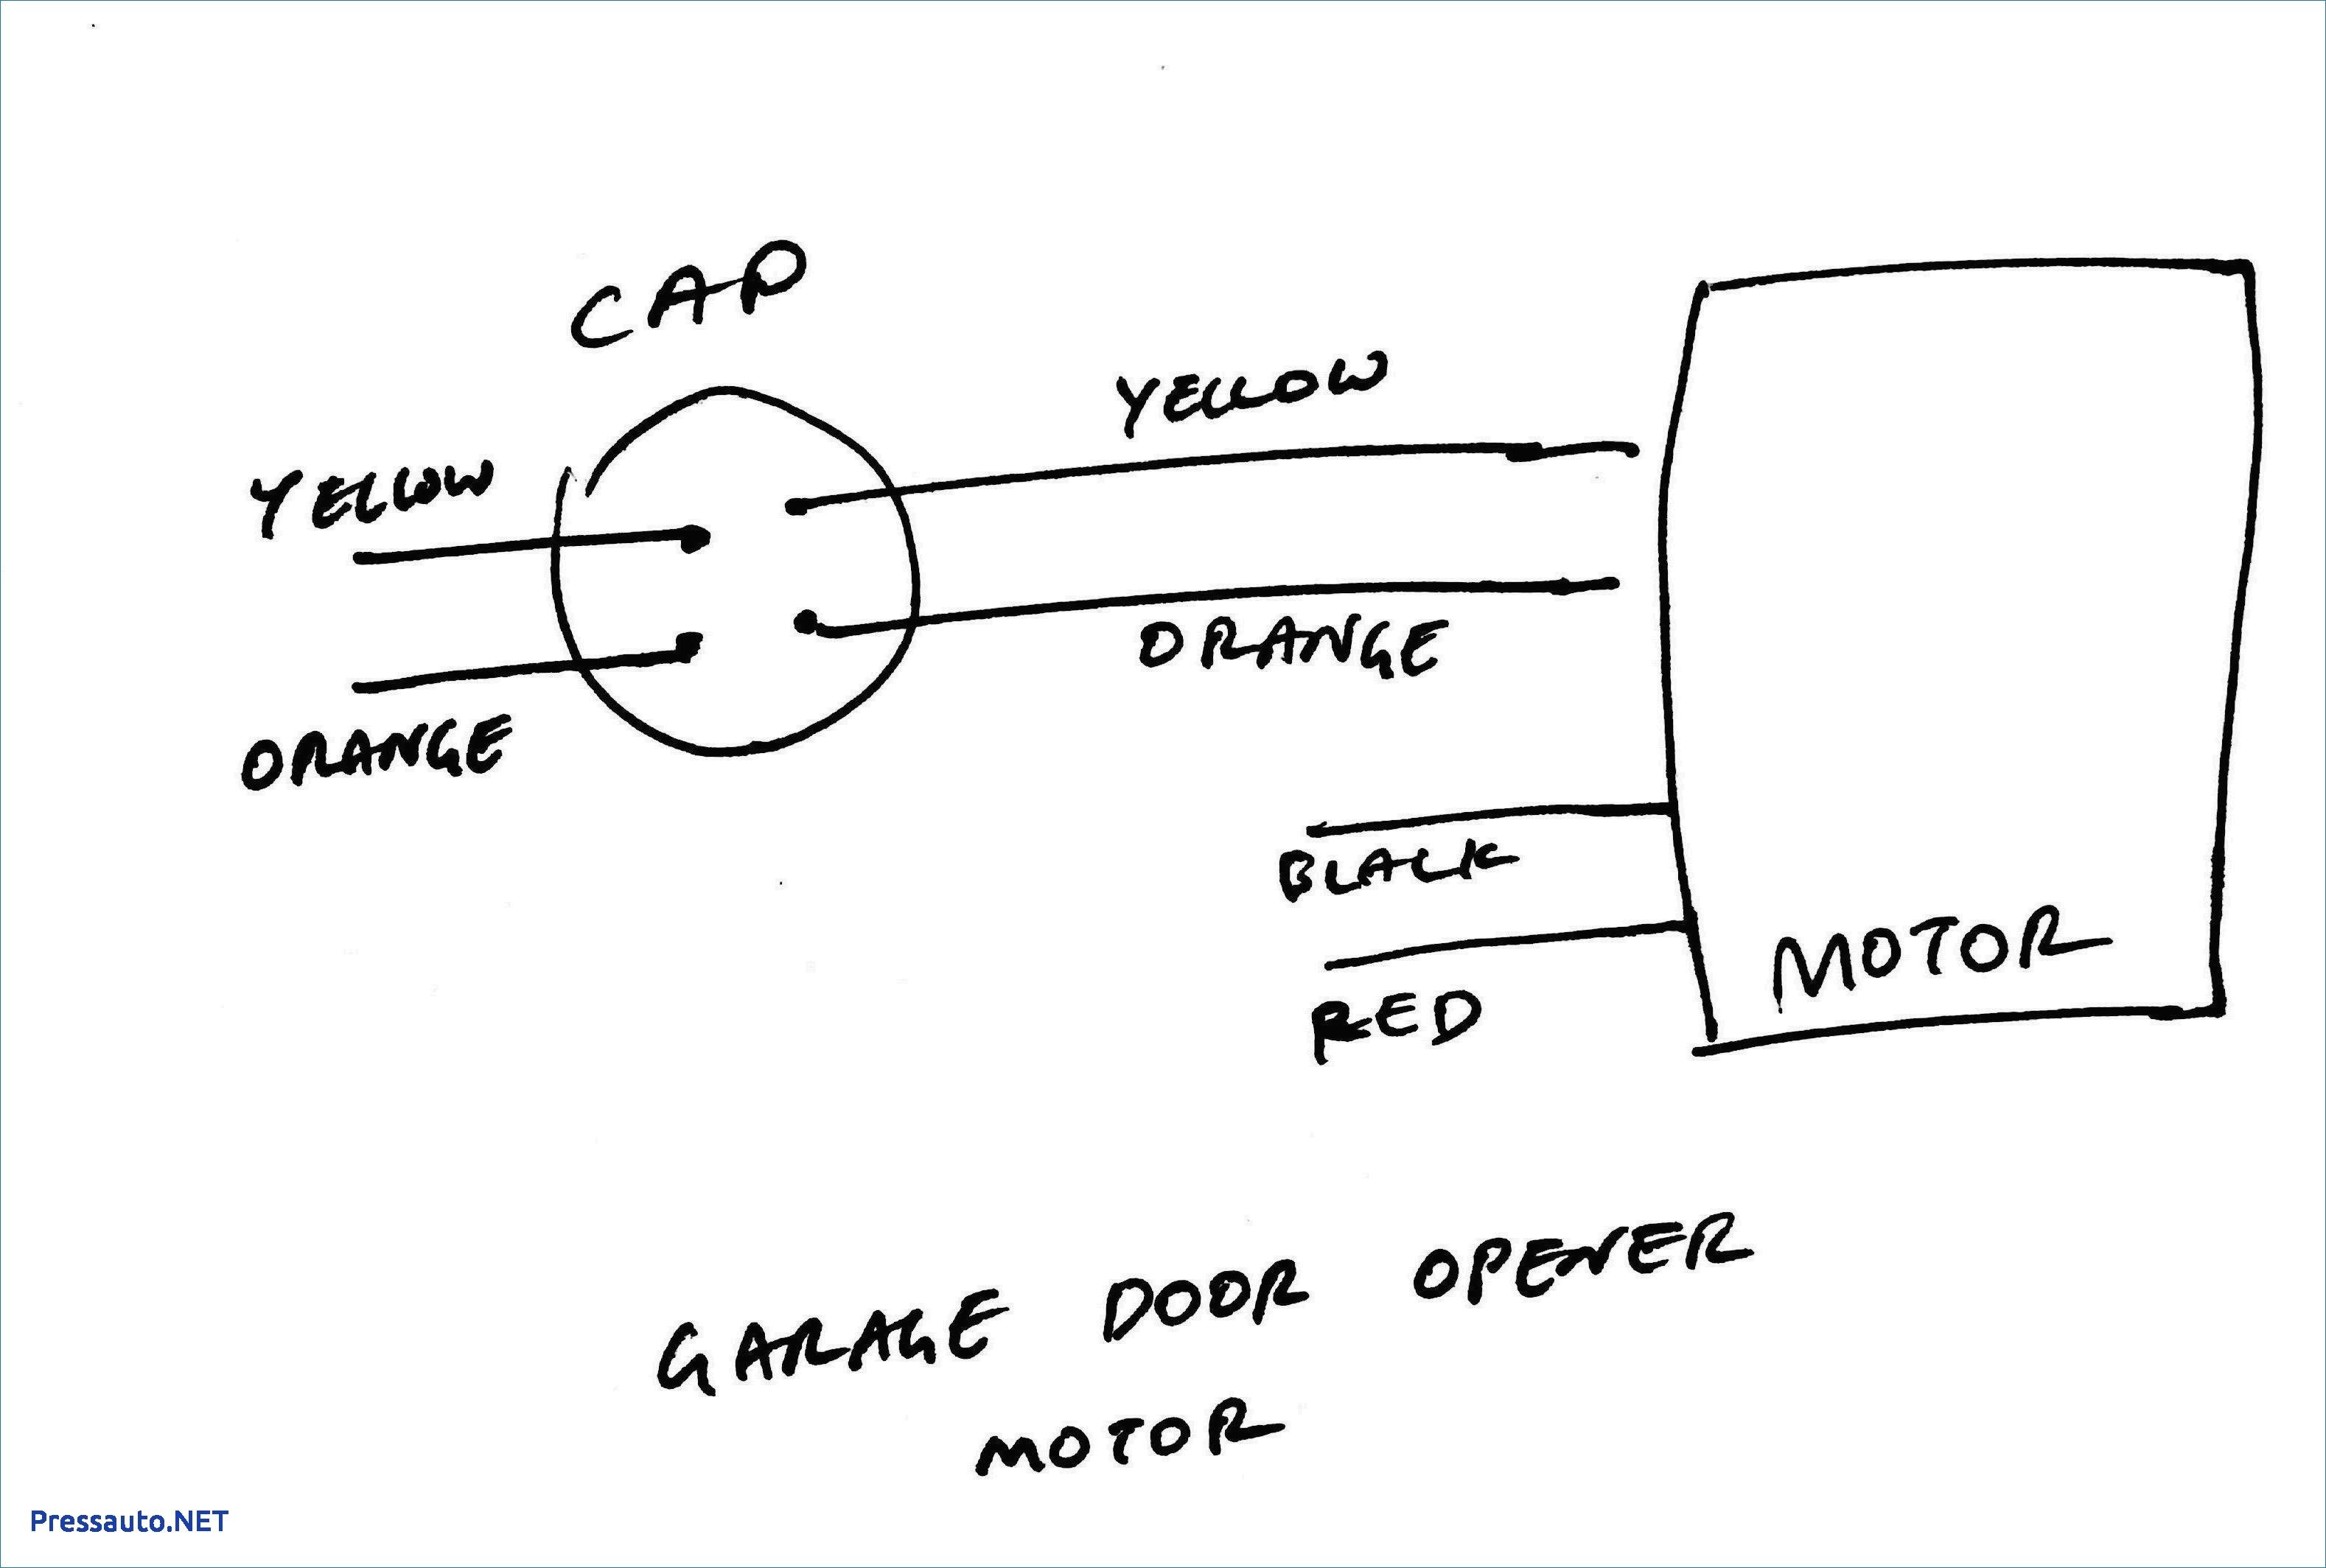 Baldor Motor Capacitor Wiring Diagram Best Motor Capacitor Wiring Diagram Ideas Everything You Need to Of Baldor Motor Capacitor Wiring Diagram